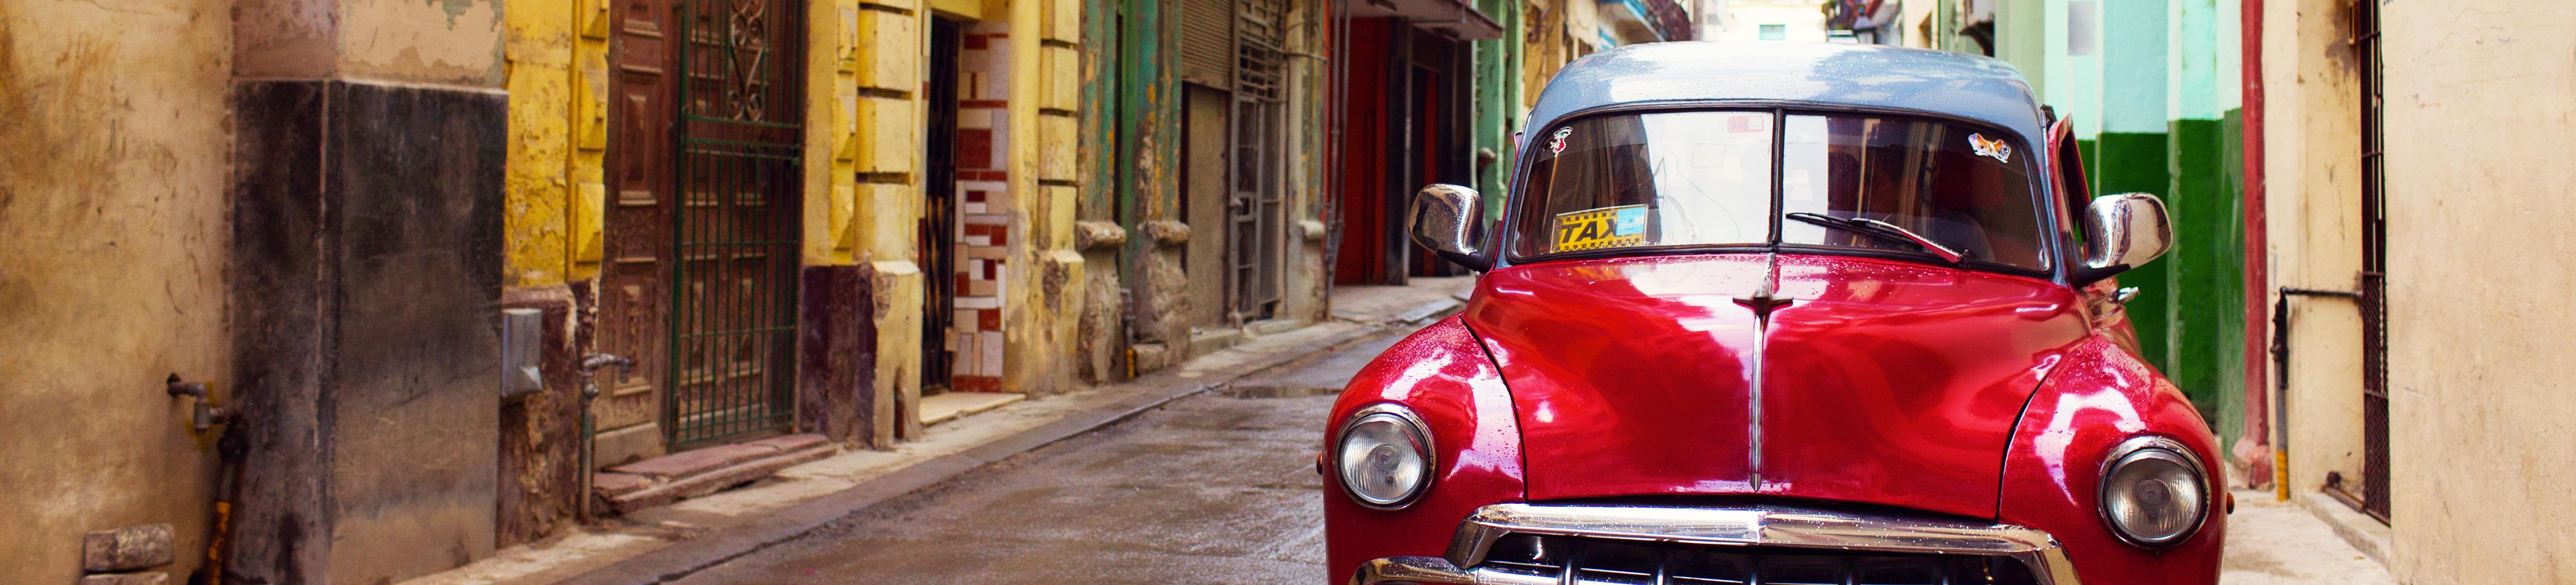 Quels sont les meilleurs moyens de communication à Cuba